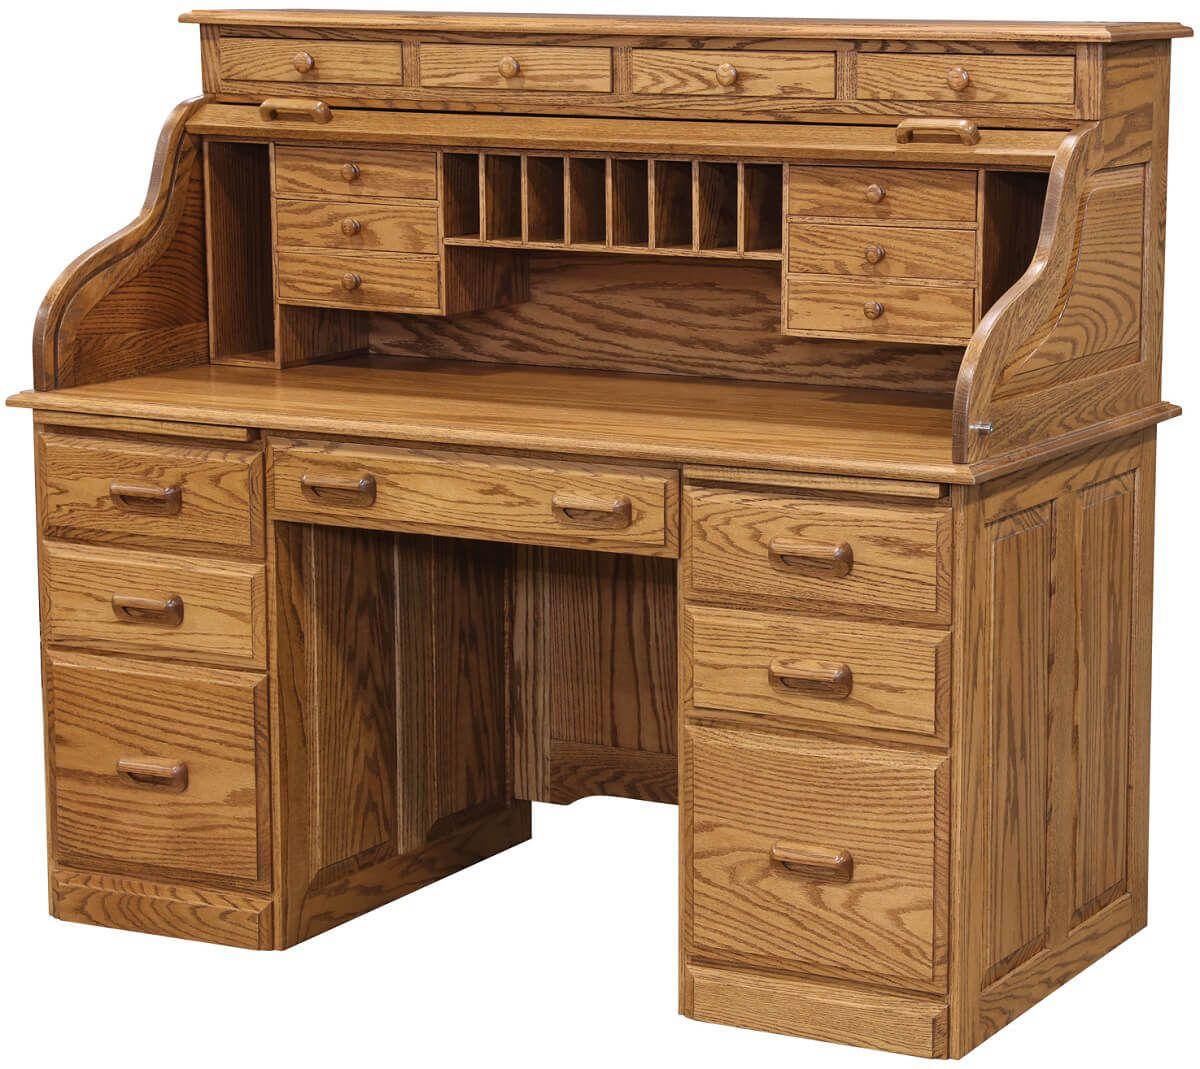 Clerk's Roll Top Desk